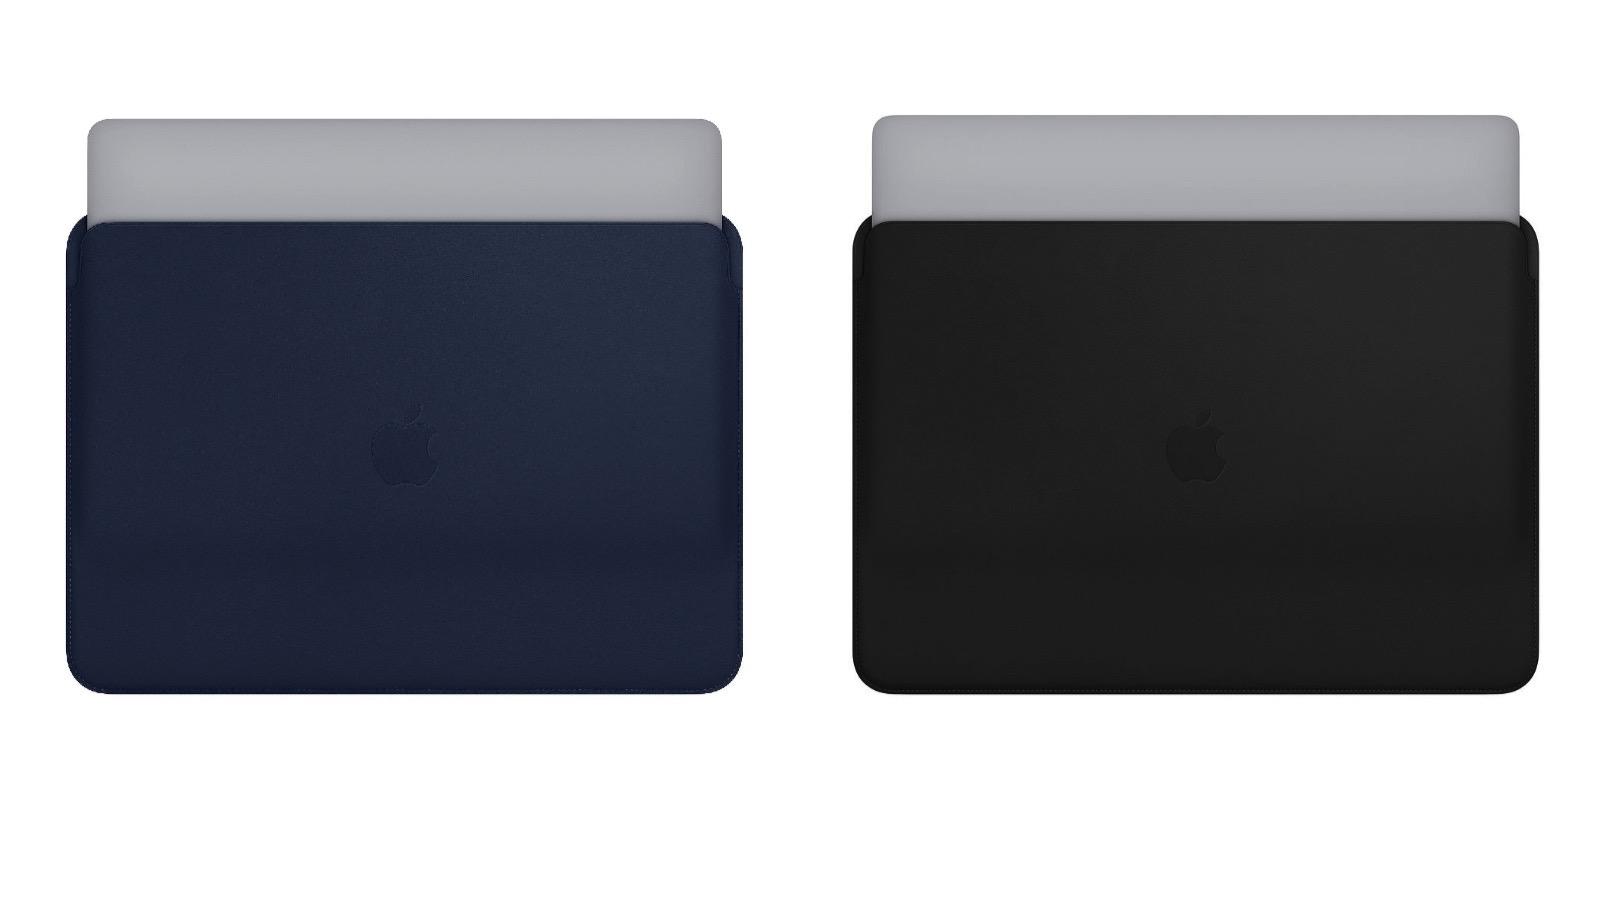 MacBook-Pro-Leather-Sleave.jpg